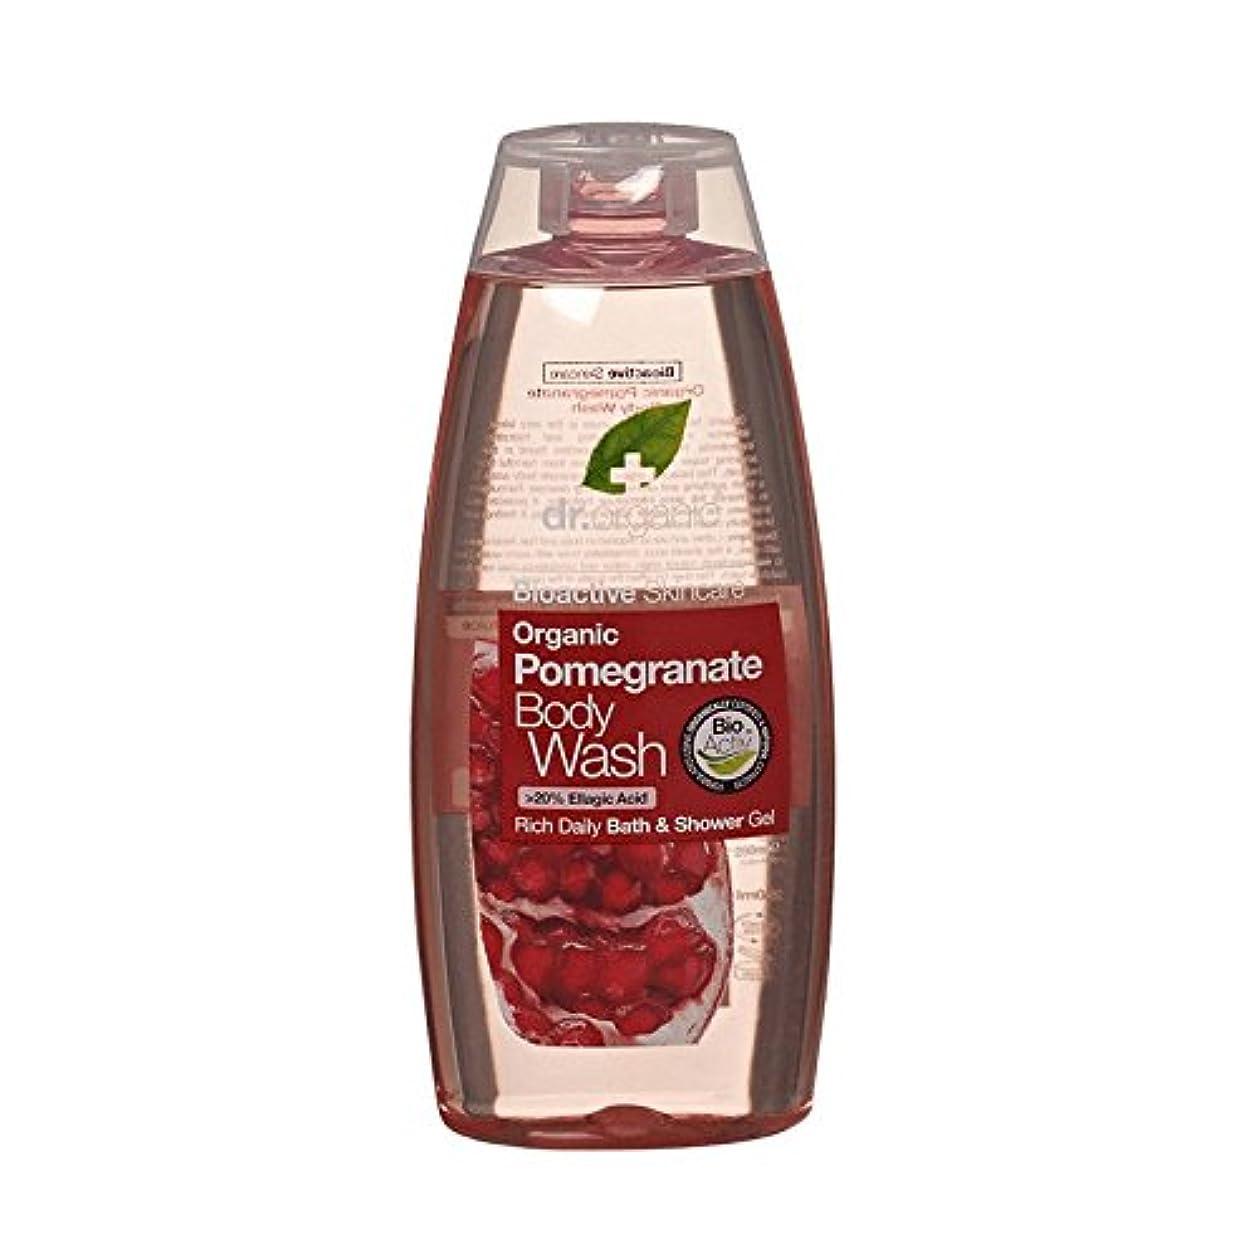 スキップ数値数値Dr有機ザクロボディウォッシュ - Dr Organic Pomegranate Body Wash (Dr Organic) [並行輸入品]